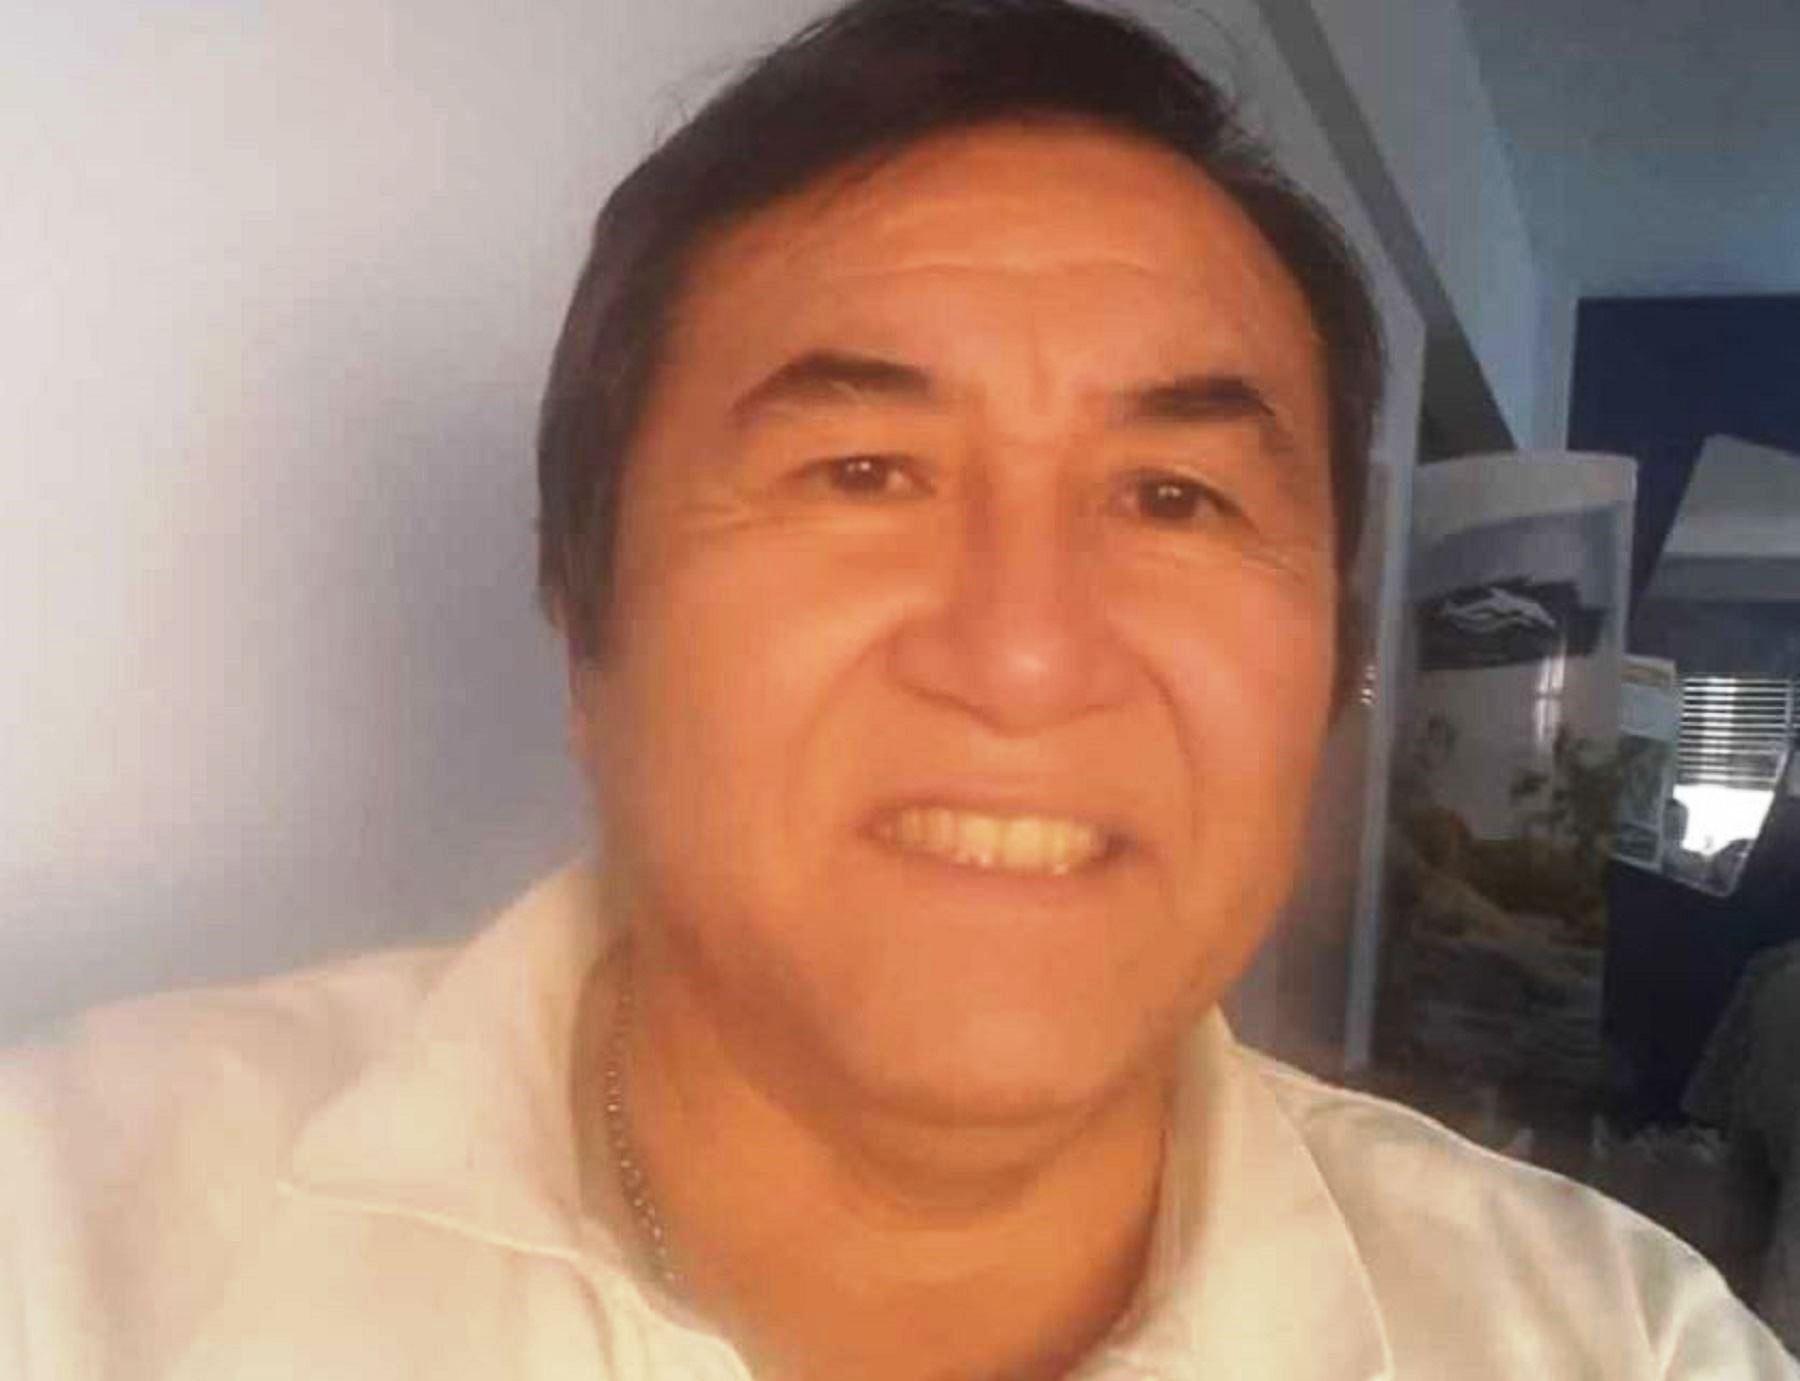 Periodista peruano Jesús Claros Muñoz, radicado en Buenos Aires desde varios años, recibirá la vacuna experimental contra el coronavirus covid-19 que preparan las compañías farmacéuticas Pfizer Inc. y BioNTech.